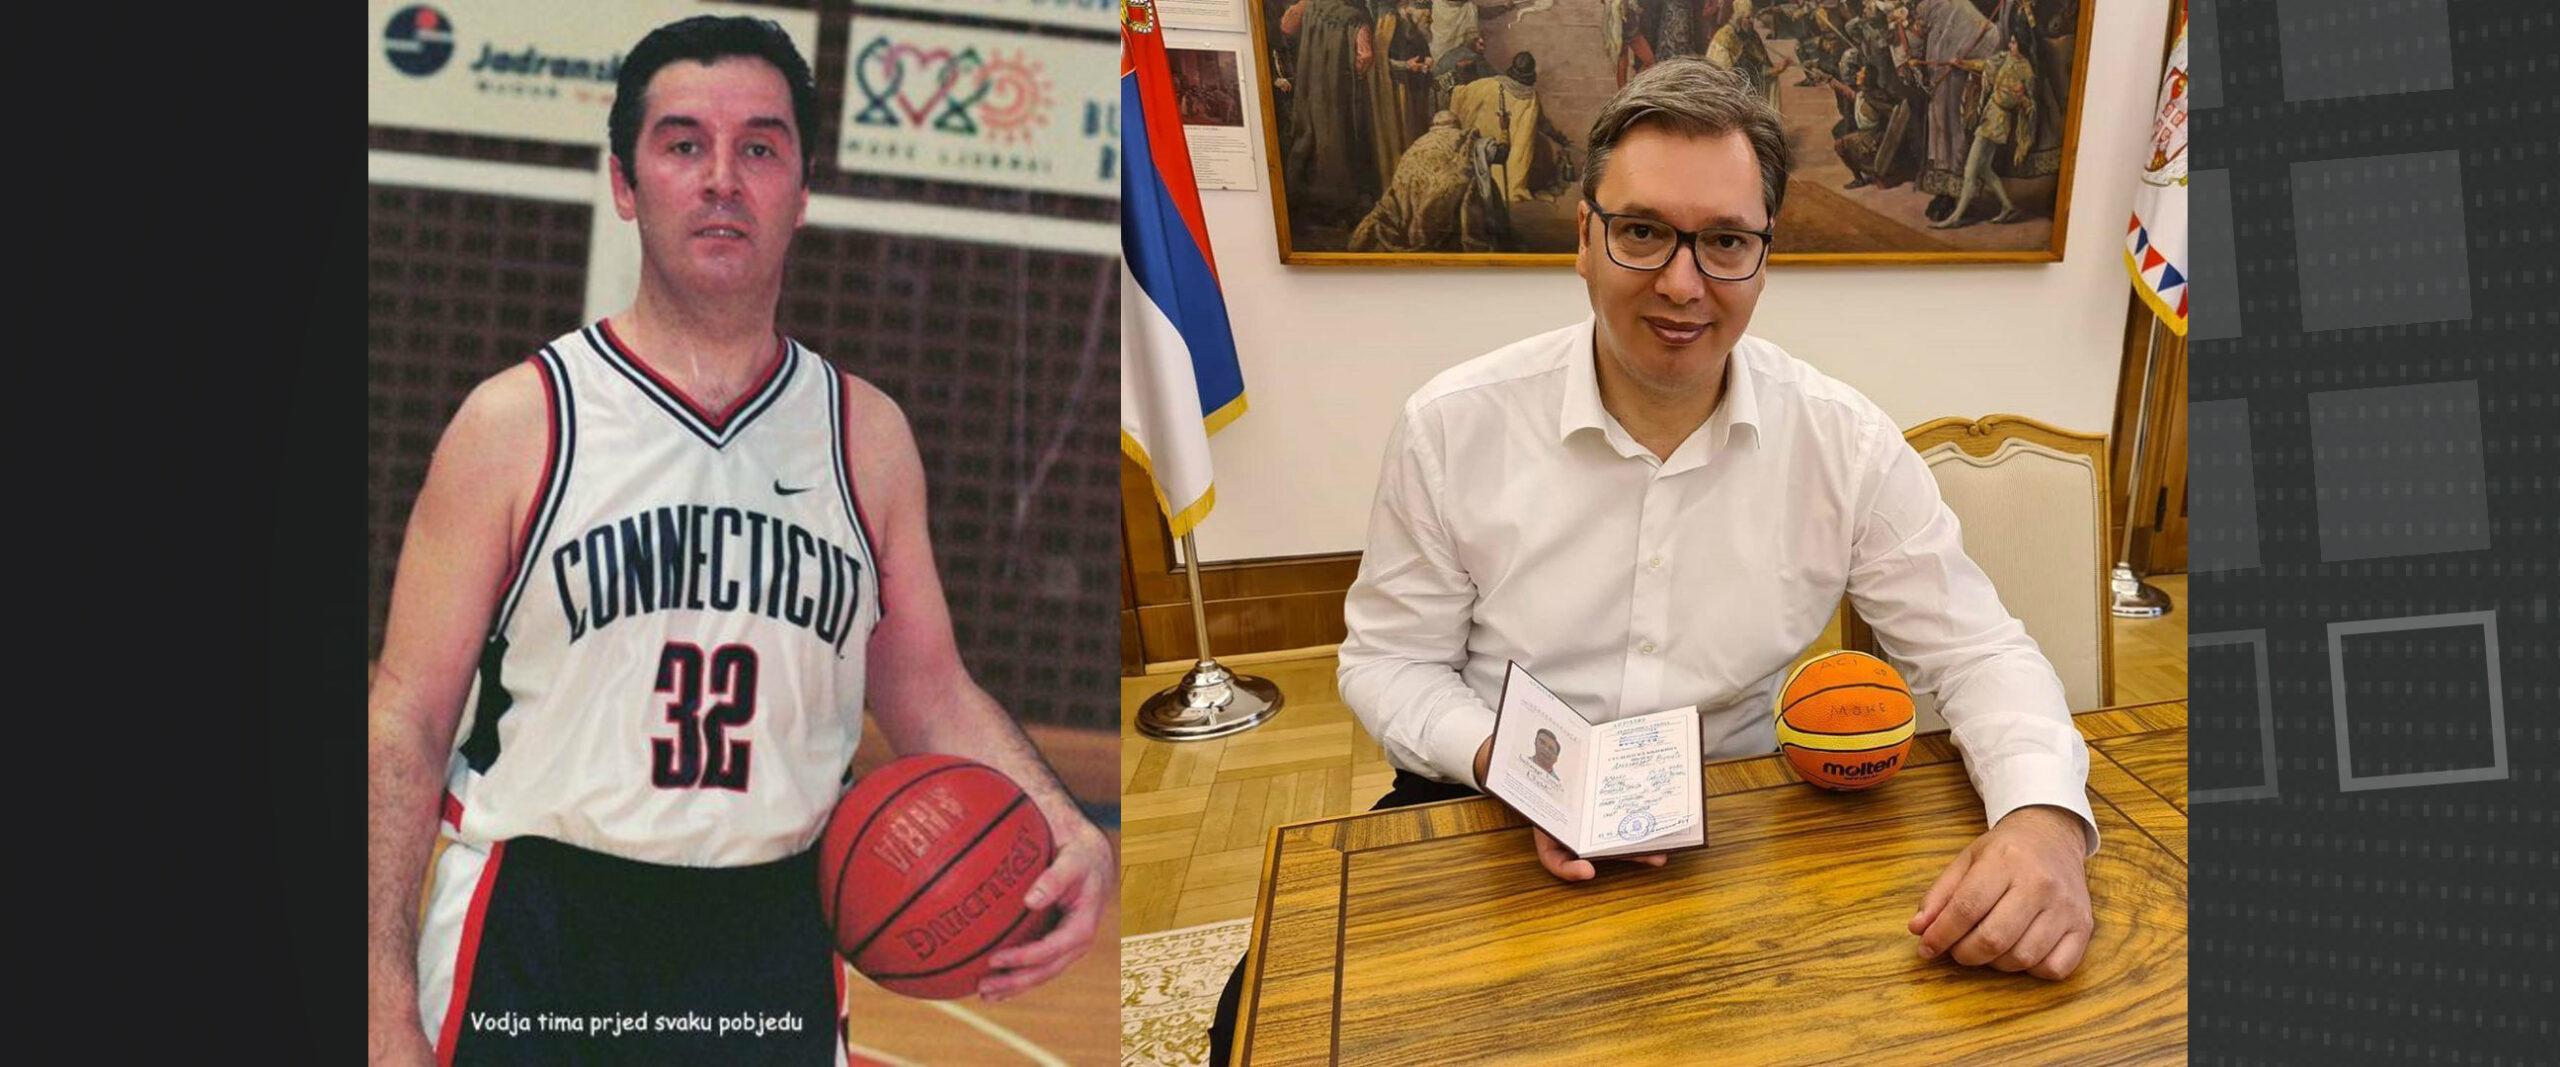 Đukanović čestitao Vučiću početak košarkaške karijere